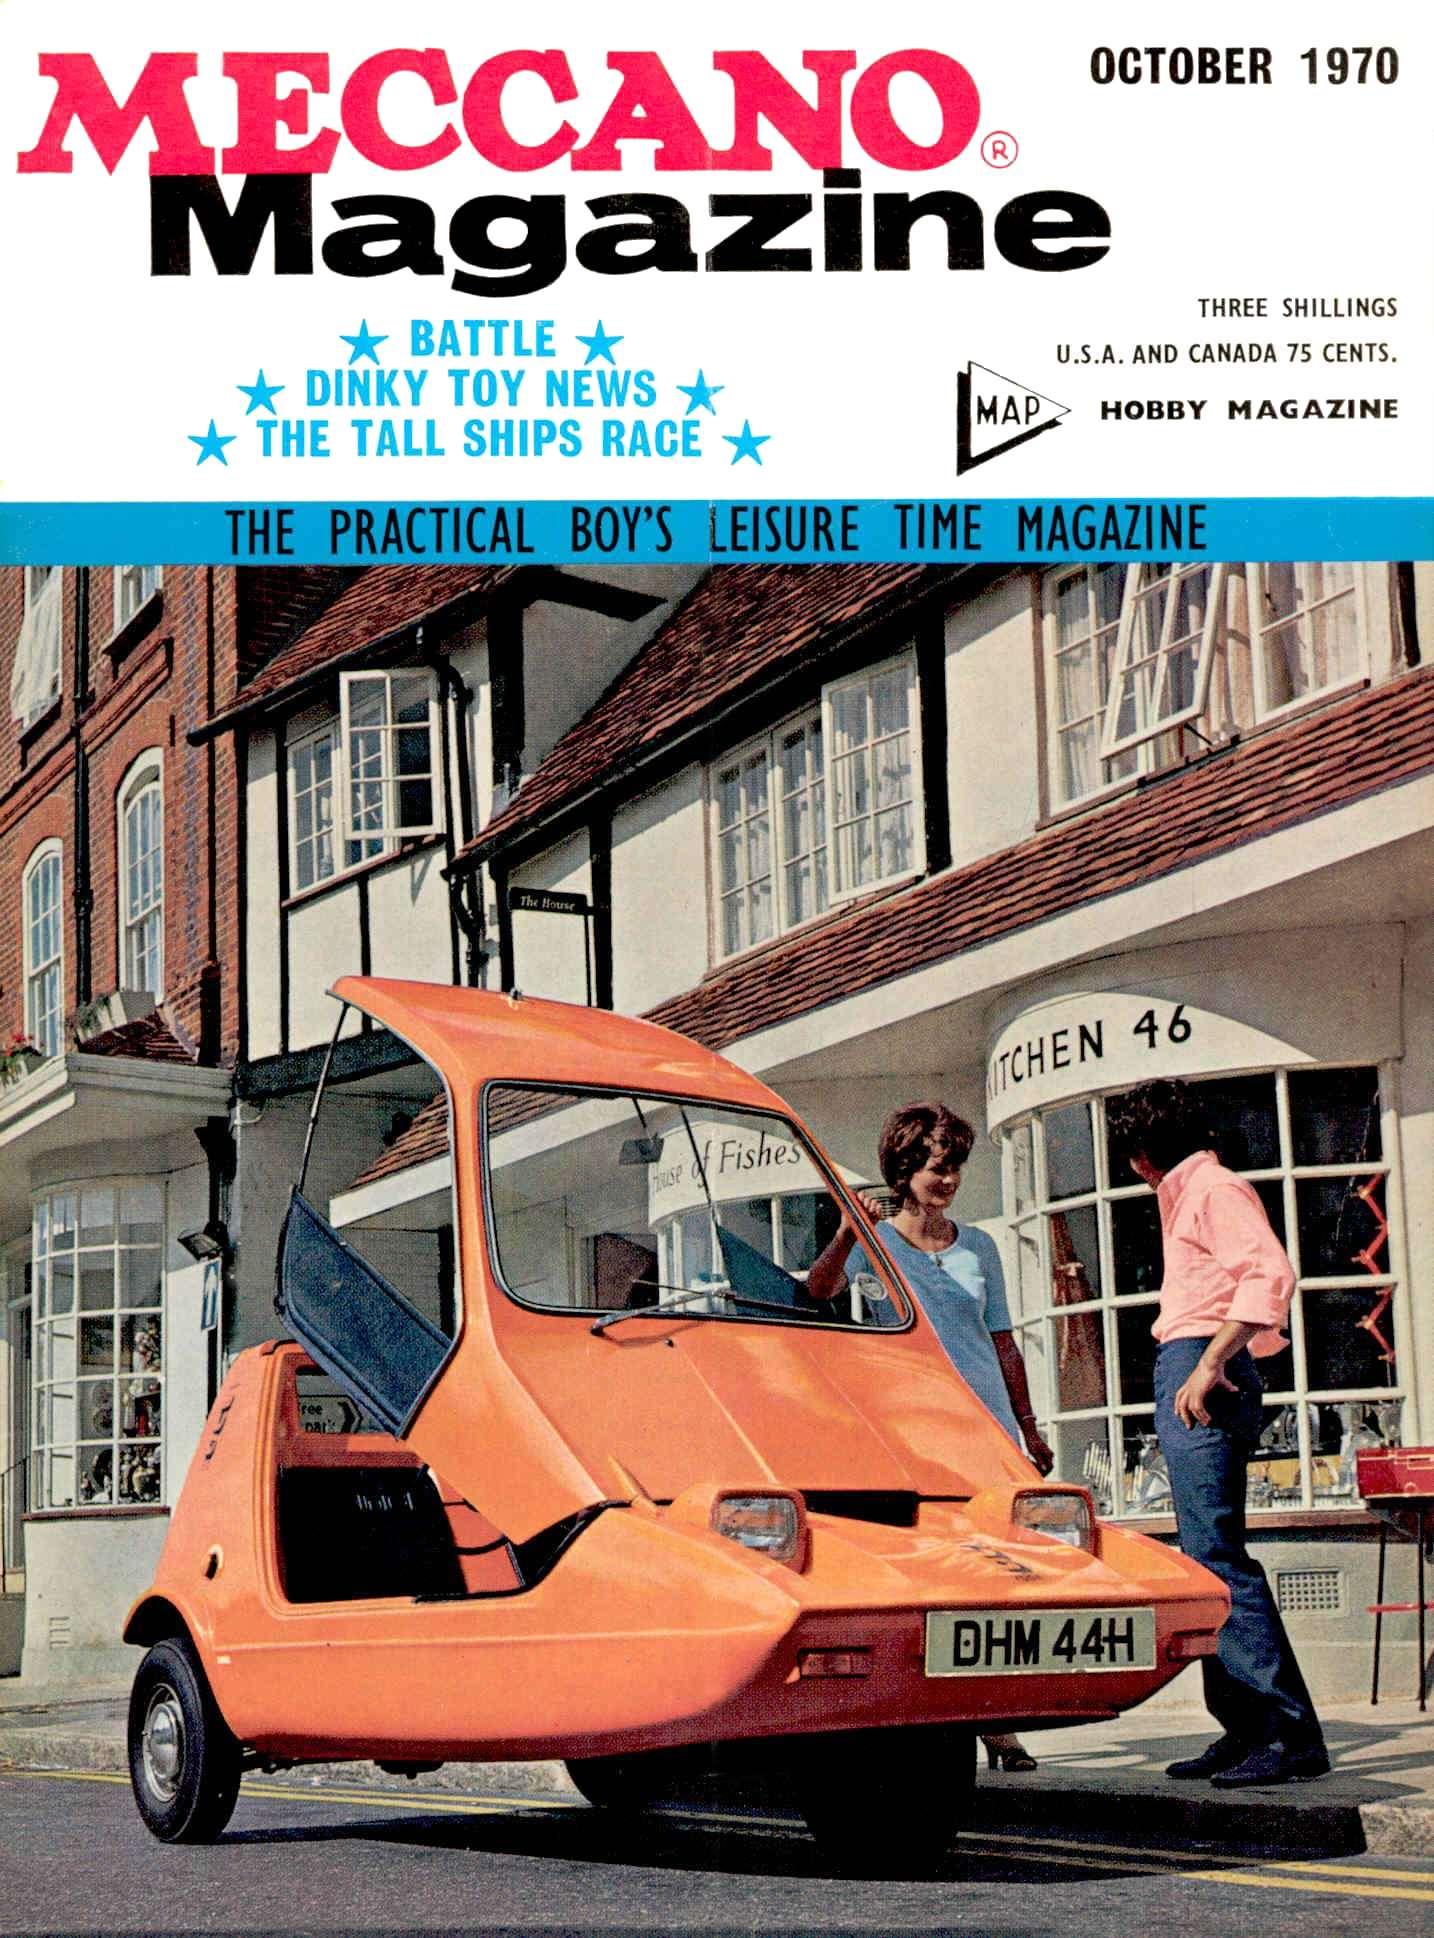 UK Meccano Magazine October 1970 Page 525